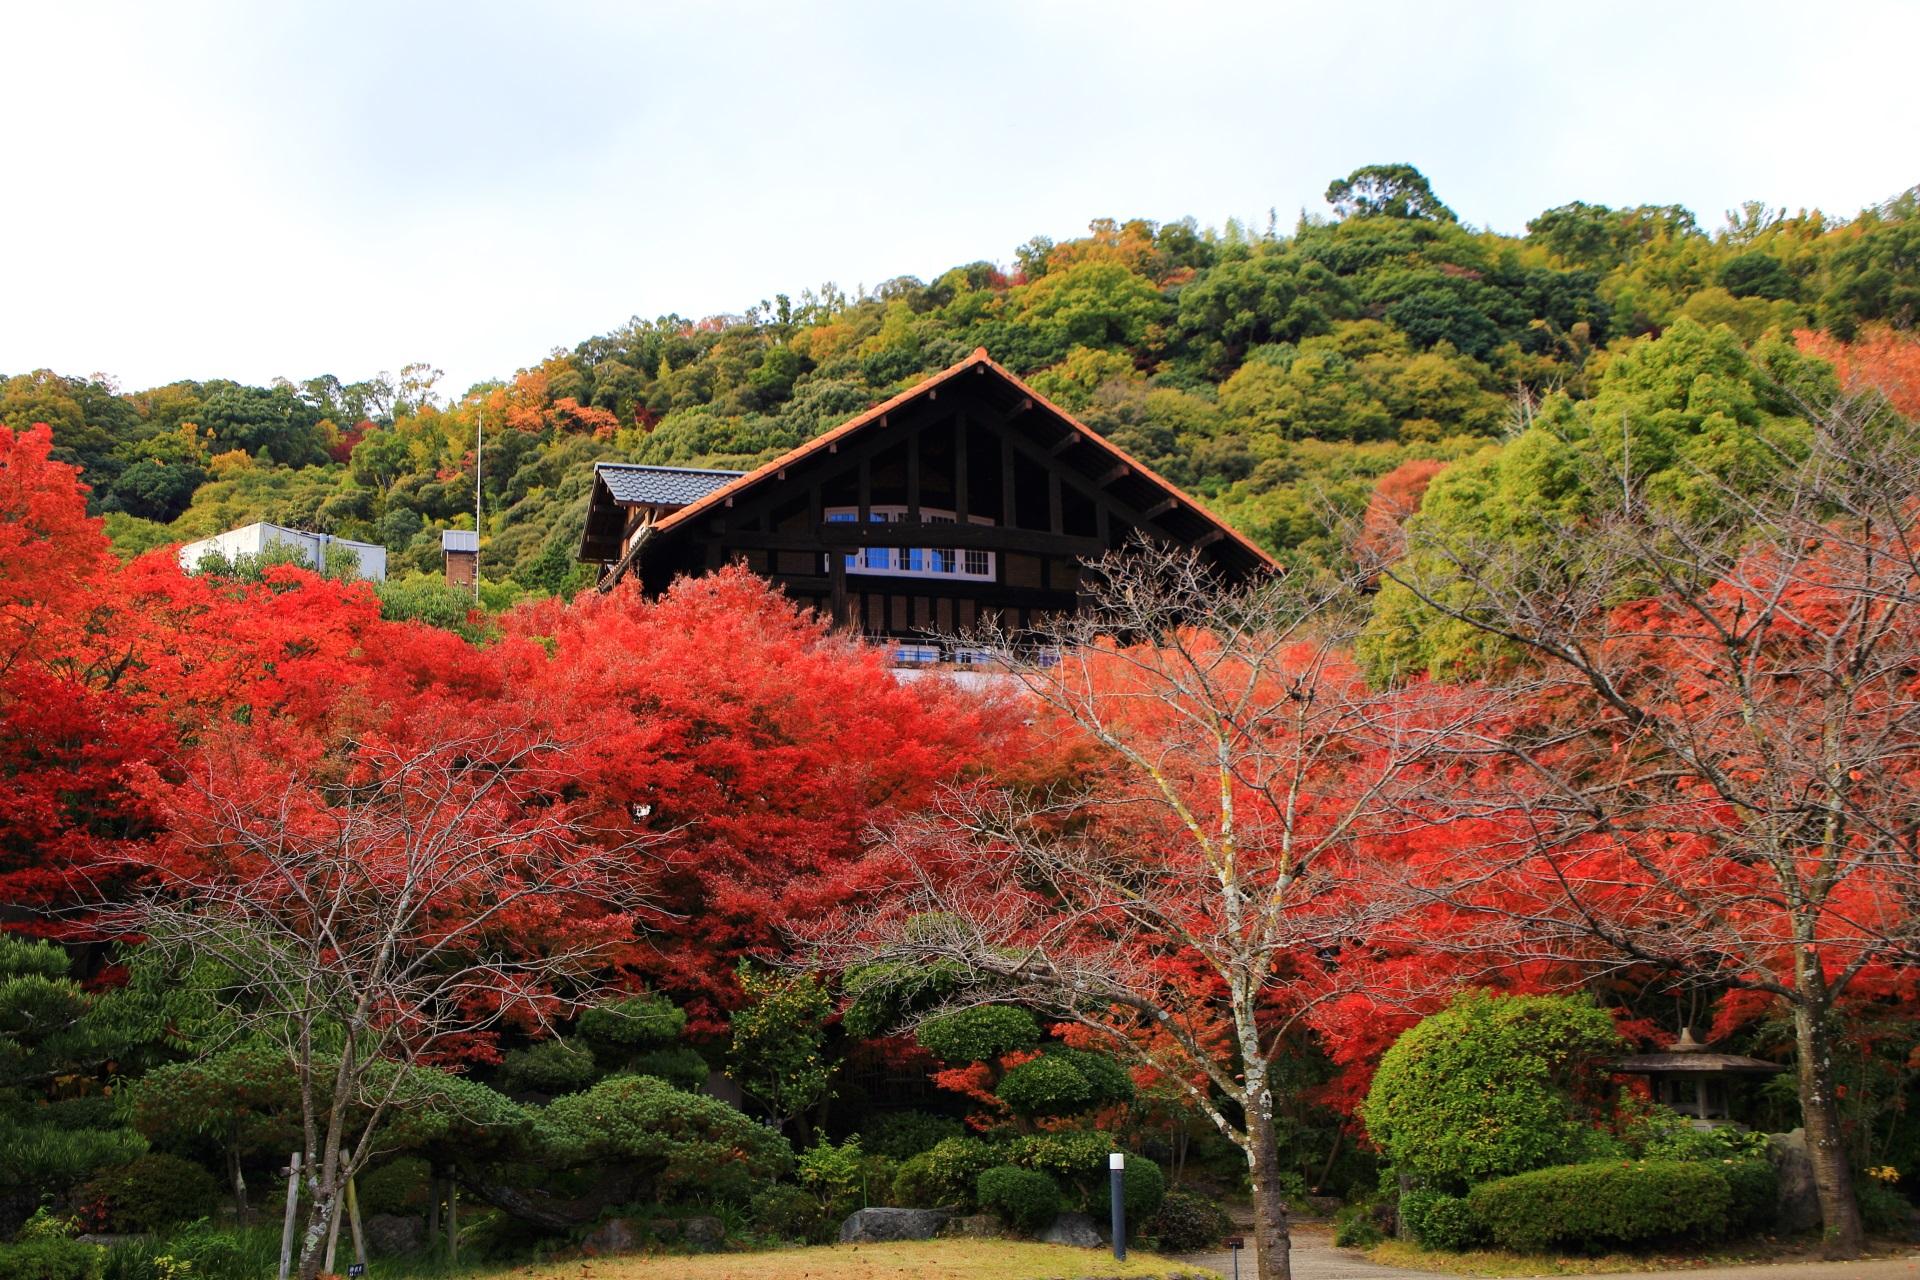 庭園から眺めた美術館本館と燃え上がるような紅葉